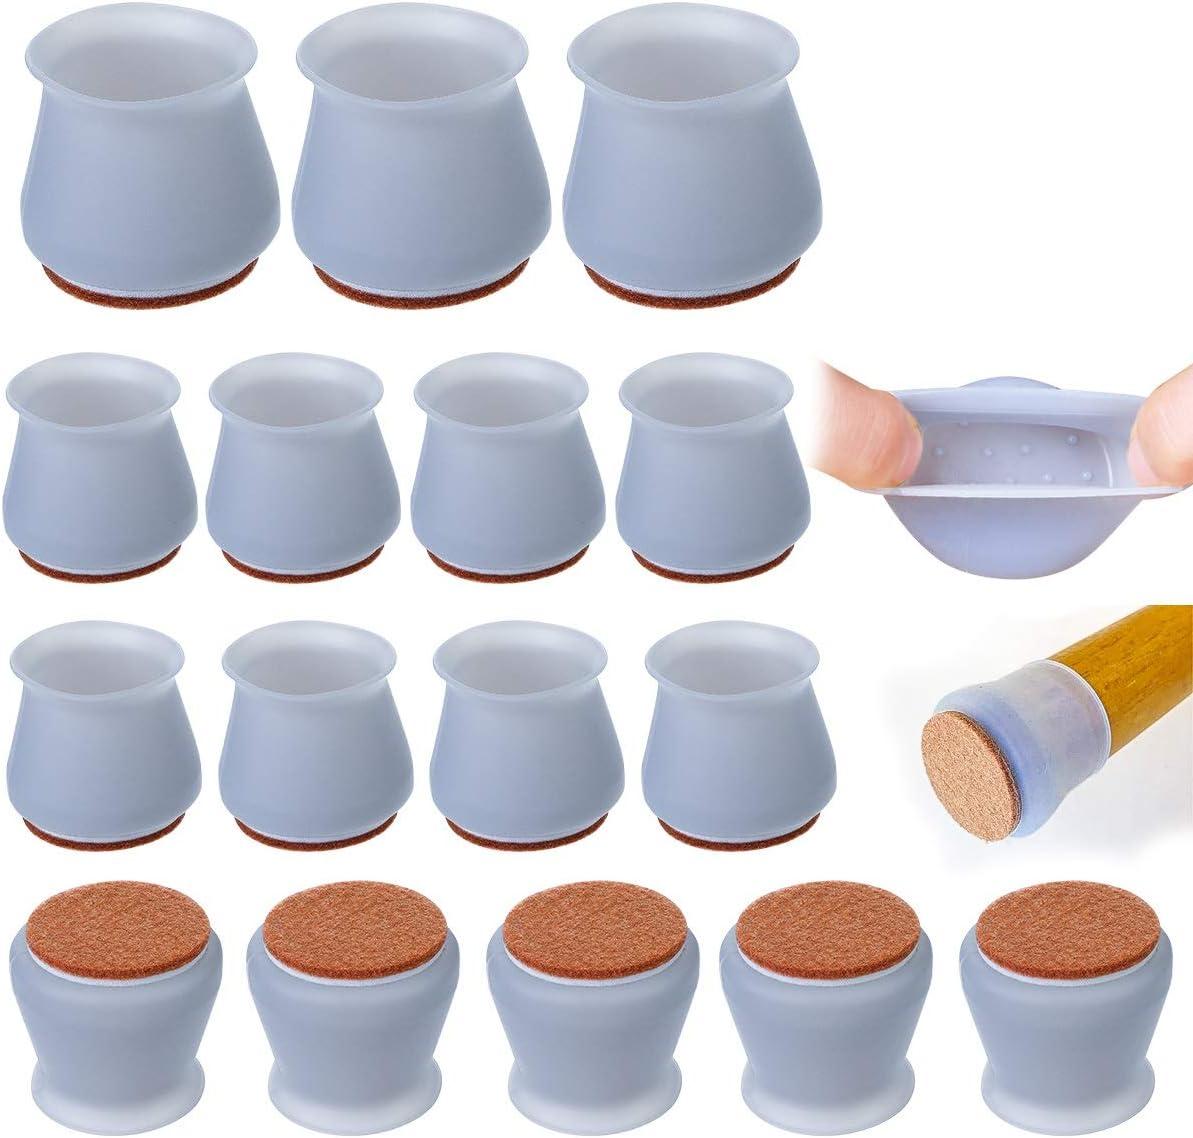 Grau mit Filz Tisch 16 Pcs Stuhlbeinkappen Silikon Bodenschoner f/ür M/öbel M/öbel-Tabellen-Abdeckungen,Verhindert Kratzer/&Ger/äusche M/öbel Silikon Schutzh/ülle,Stuhlbein-Kappen